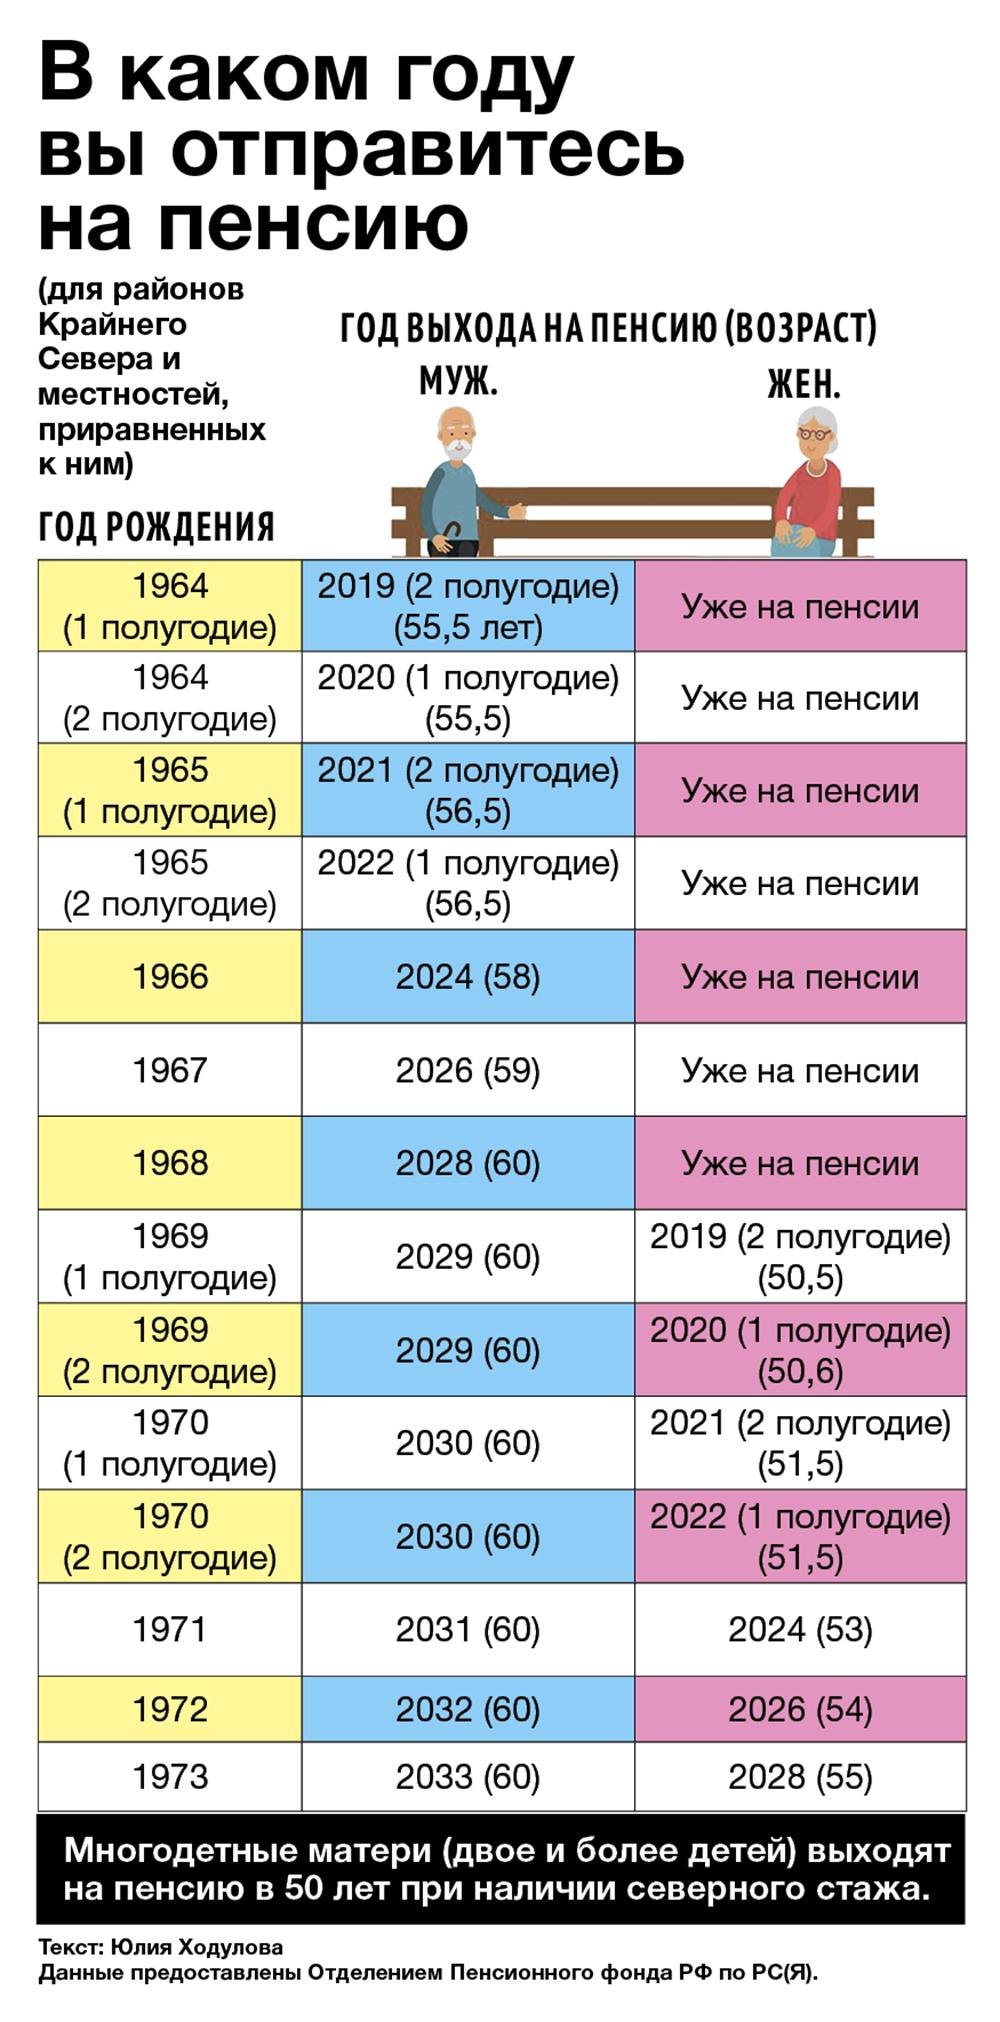 Инфографика: В каком году вы отправитесь на пенсию?